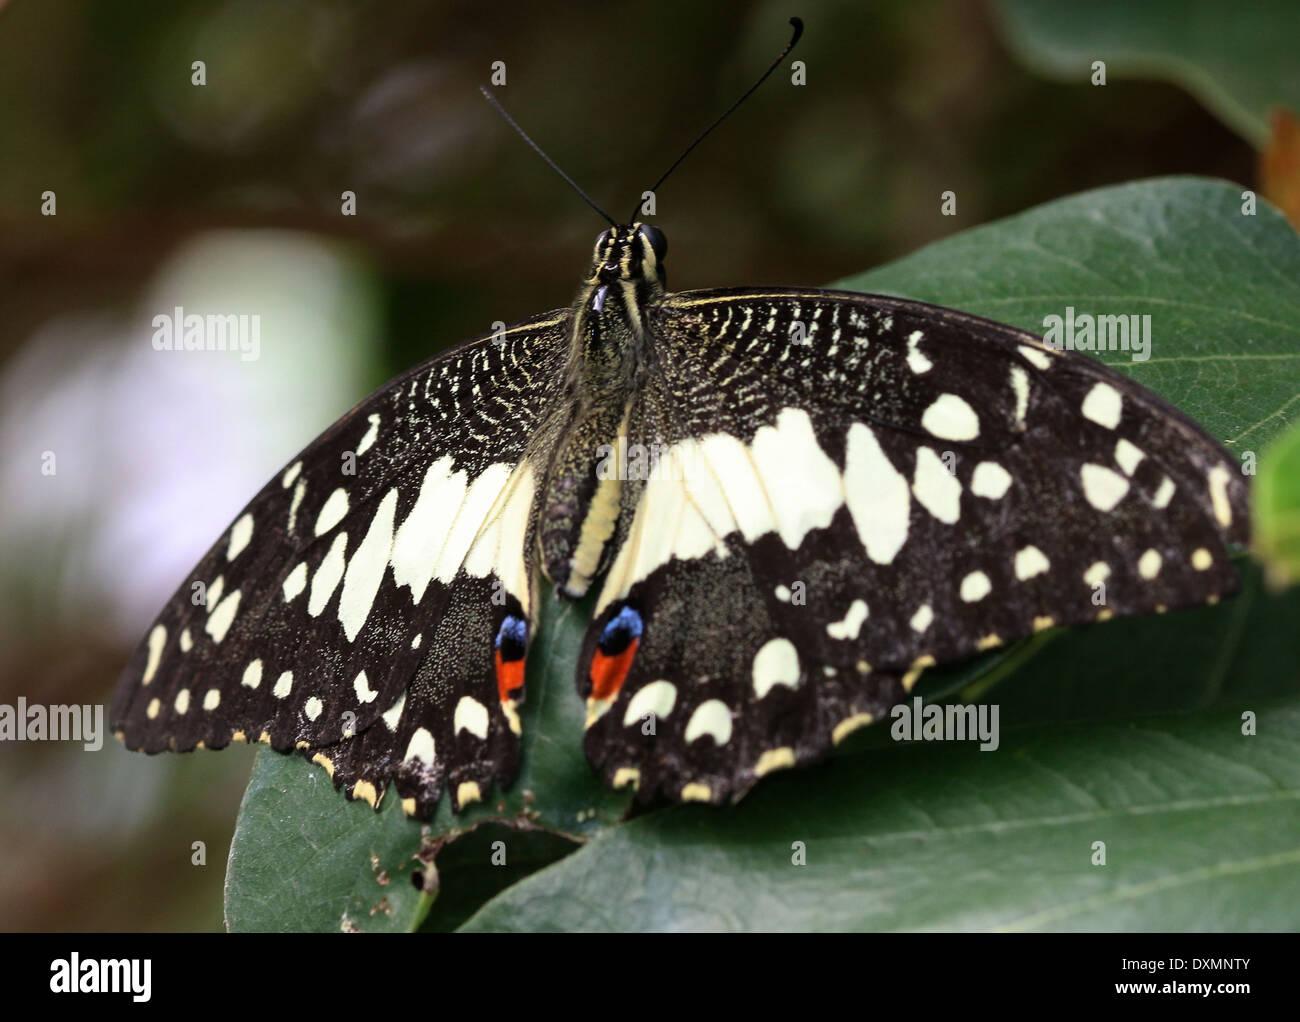 Calce comune Butterfly (Papilio demoleus) a.k.a. Limone, a farfalla a coda di rondine a scacchi, calce a coda di rondine, Piccola farfalla di agrumi Immagini Stock